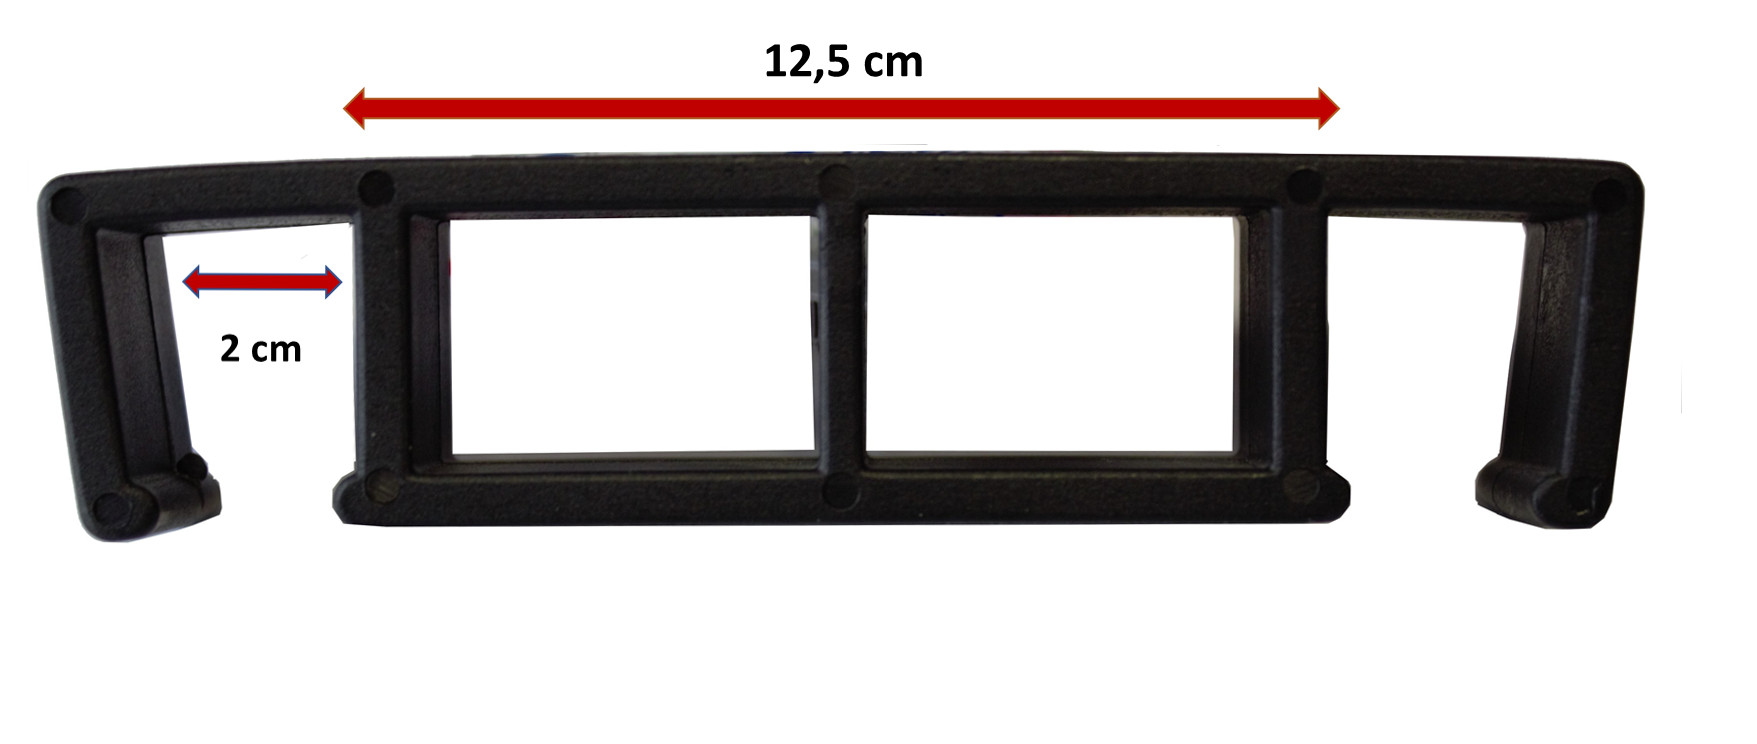 Bankett-150-Reihenverbinder